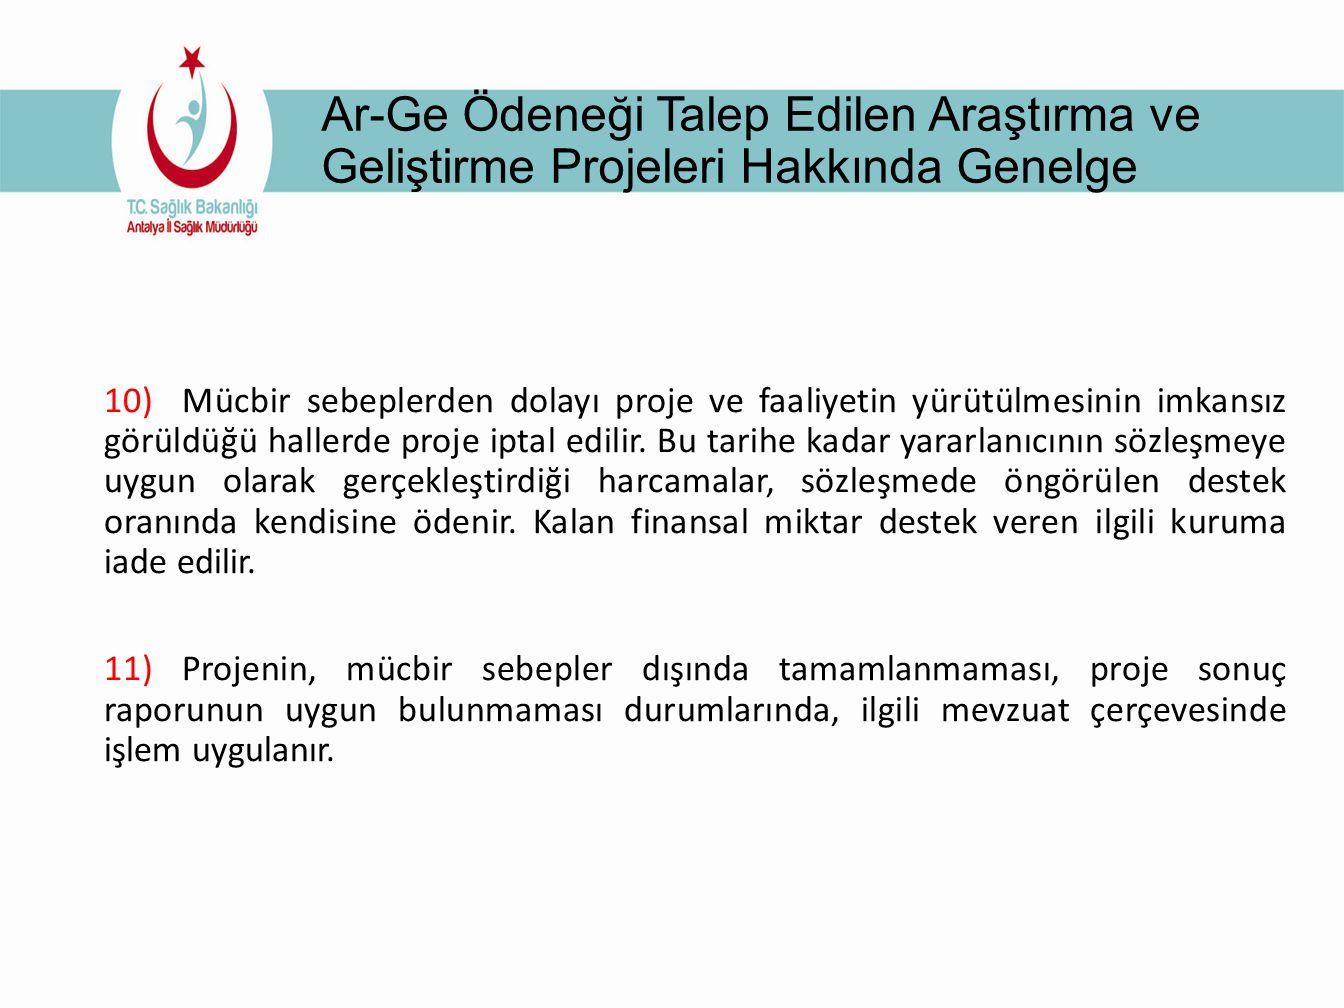 Ar-Ge Ödeneği Talep Edilen Araştırma ve Geliştirme Projeleri Hakkında Genelge 10) Mücbir sebeplerden dolayı proje ve faaliyetin yürütülmesinin imkansız görüldüğü hallerde proje iptal edilir.